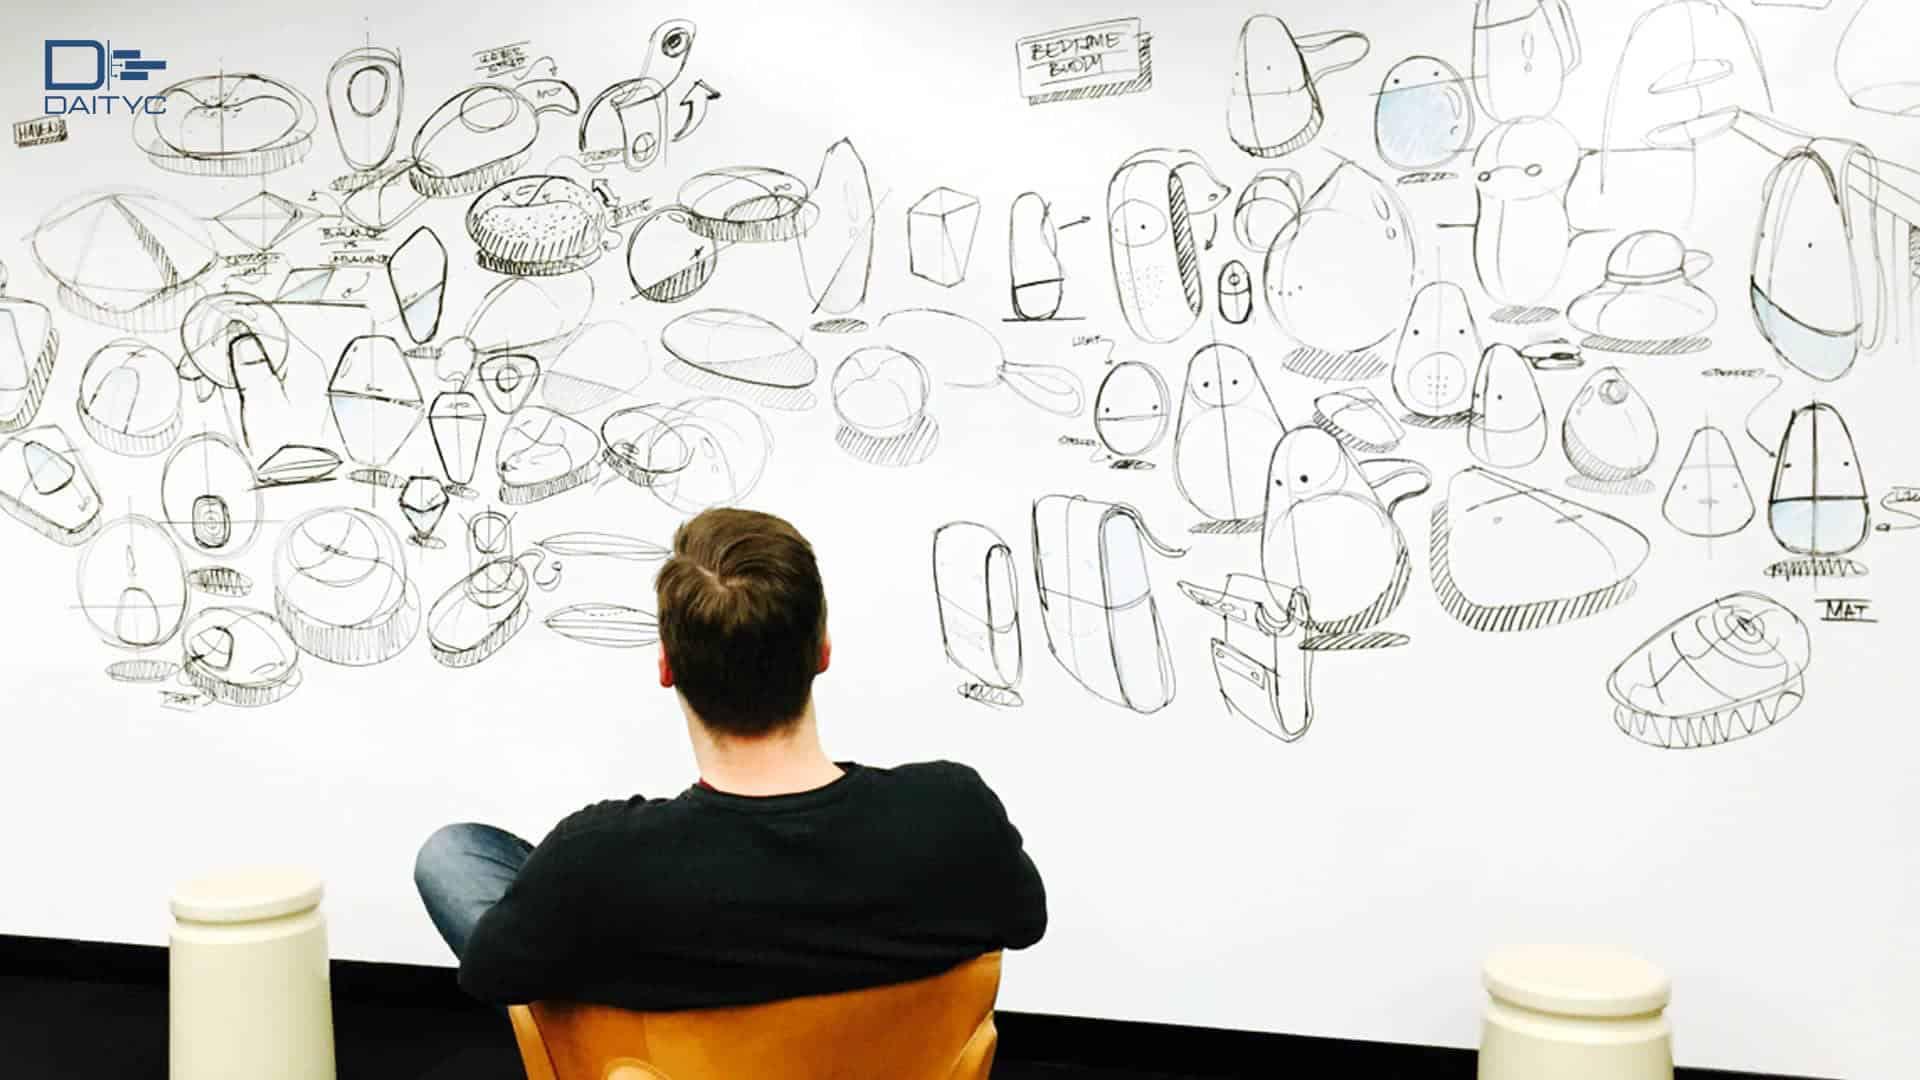 ارتباط طراحی با تکنیک طوفان ذهنی